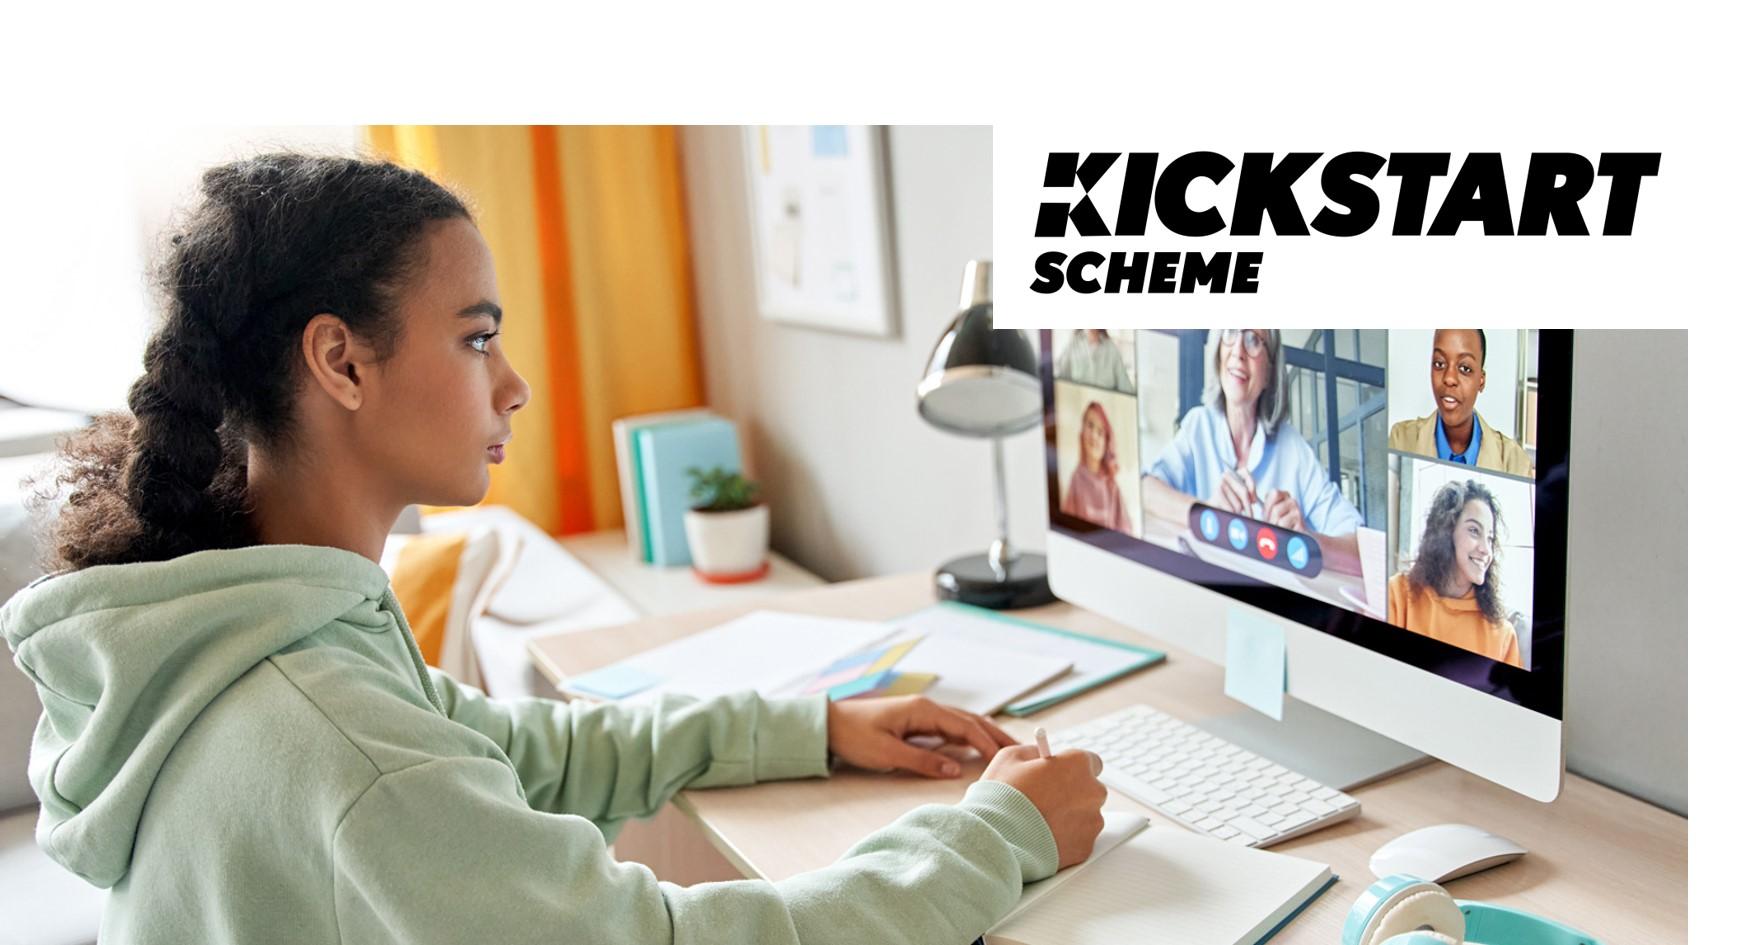 kickstart_scheme